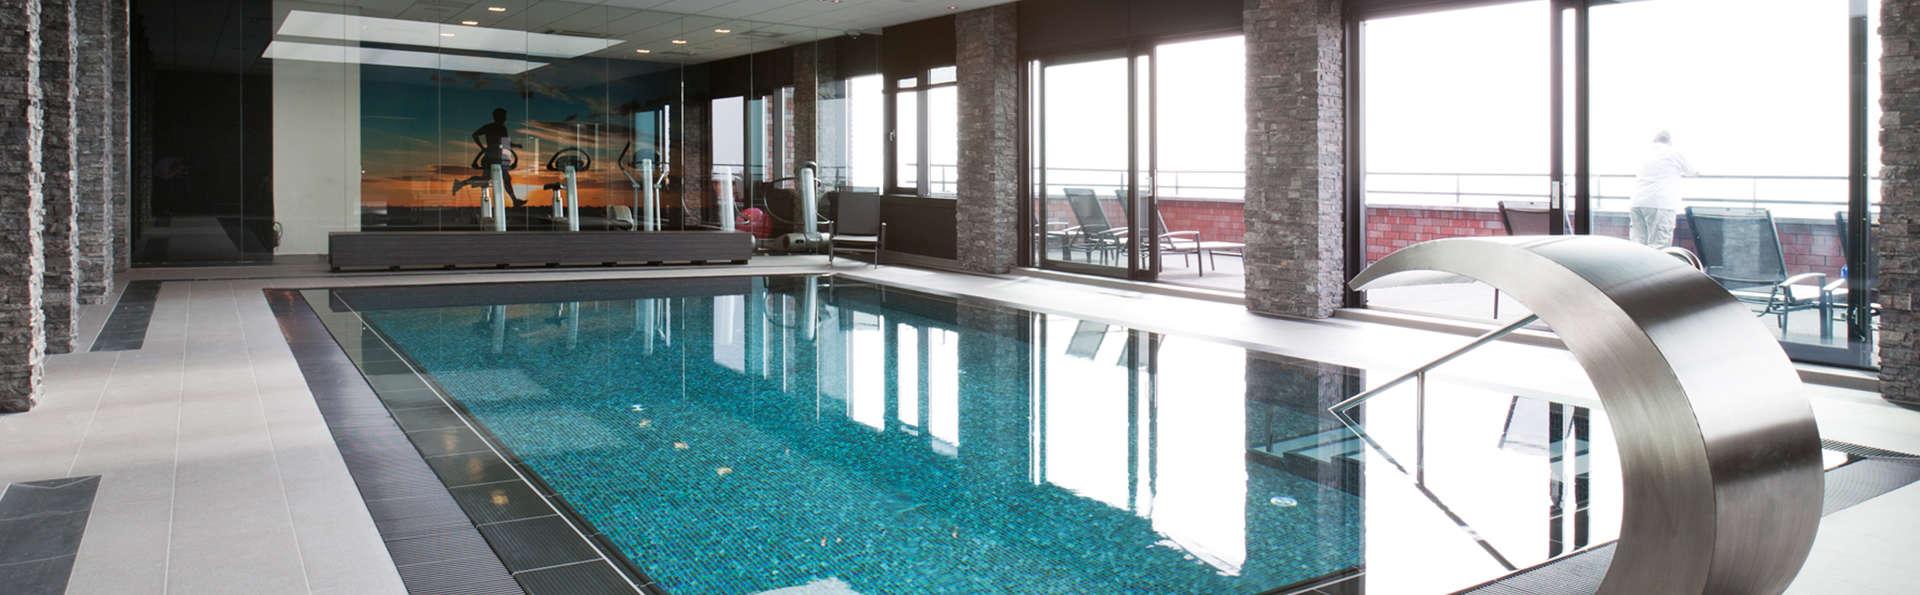 Accès au spa, petit-déjeuner et chambre confortable à Dordrecht